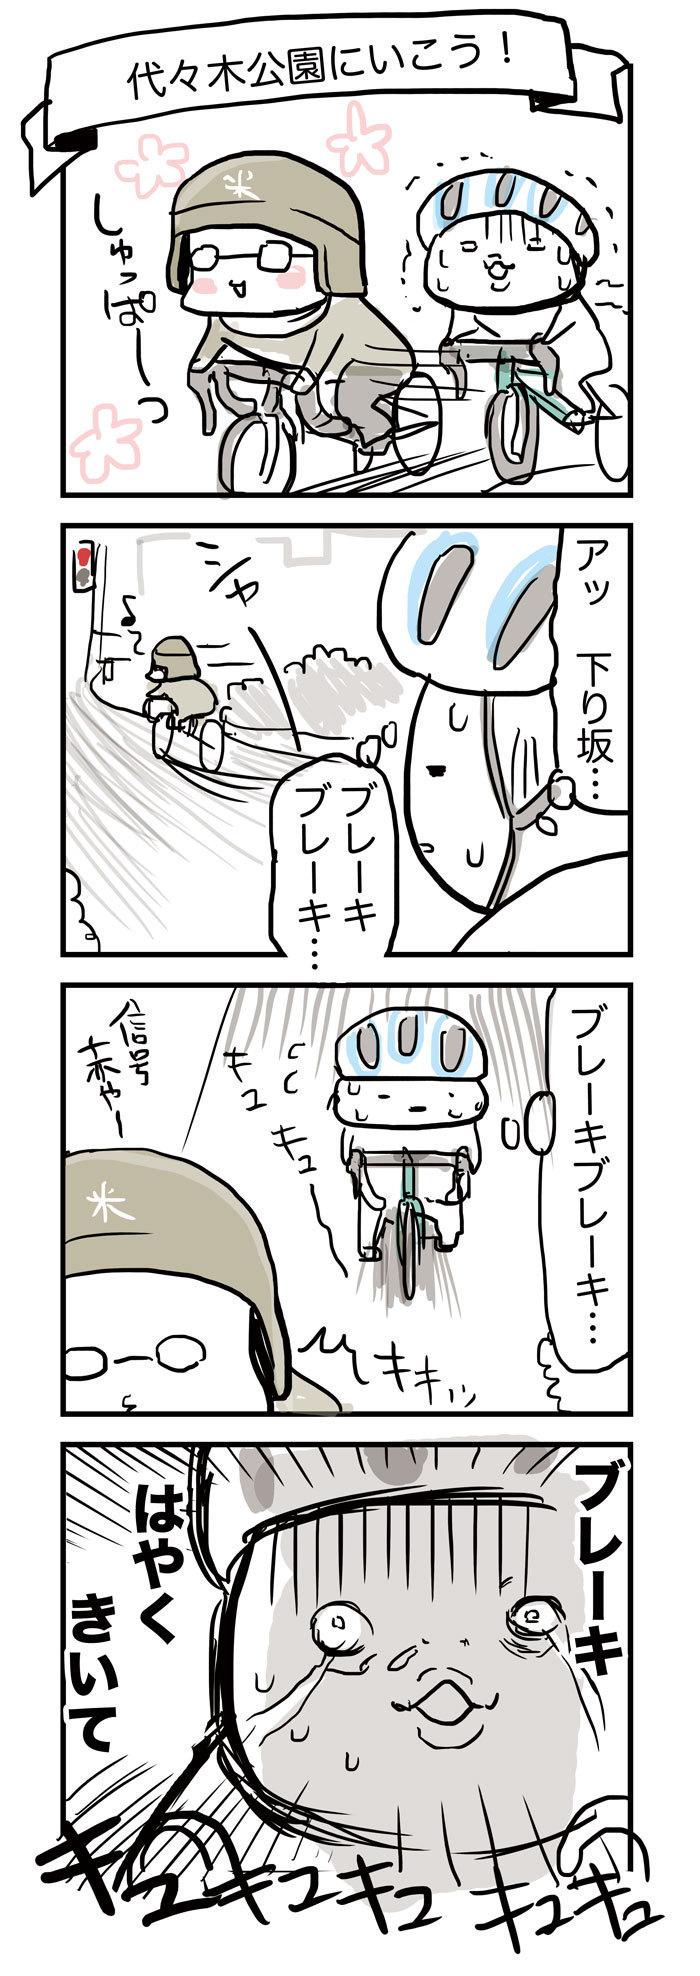 29_1 九死に一生